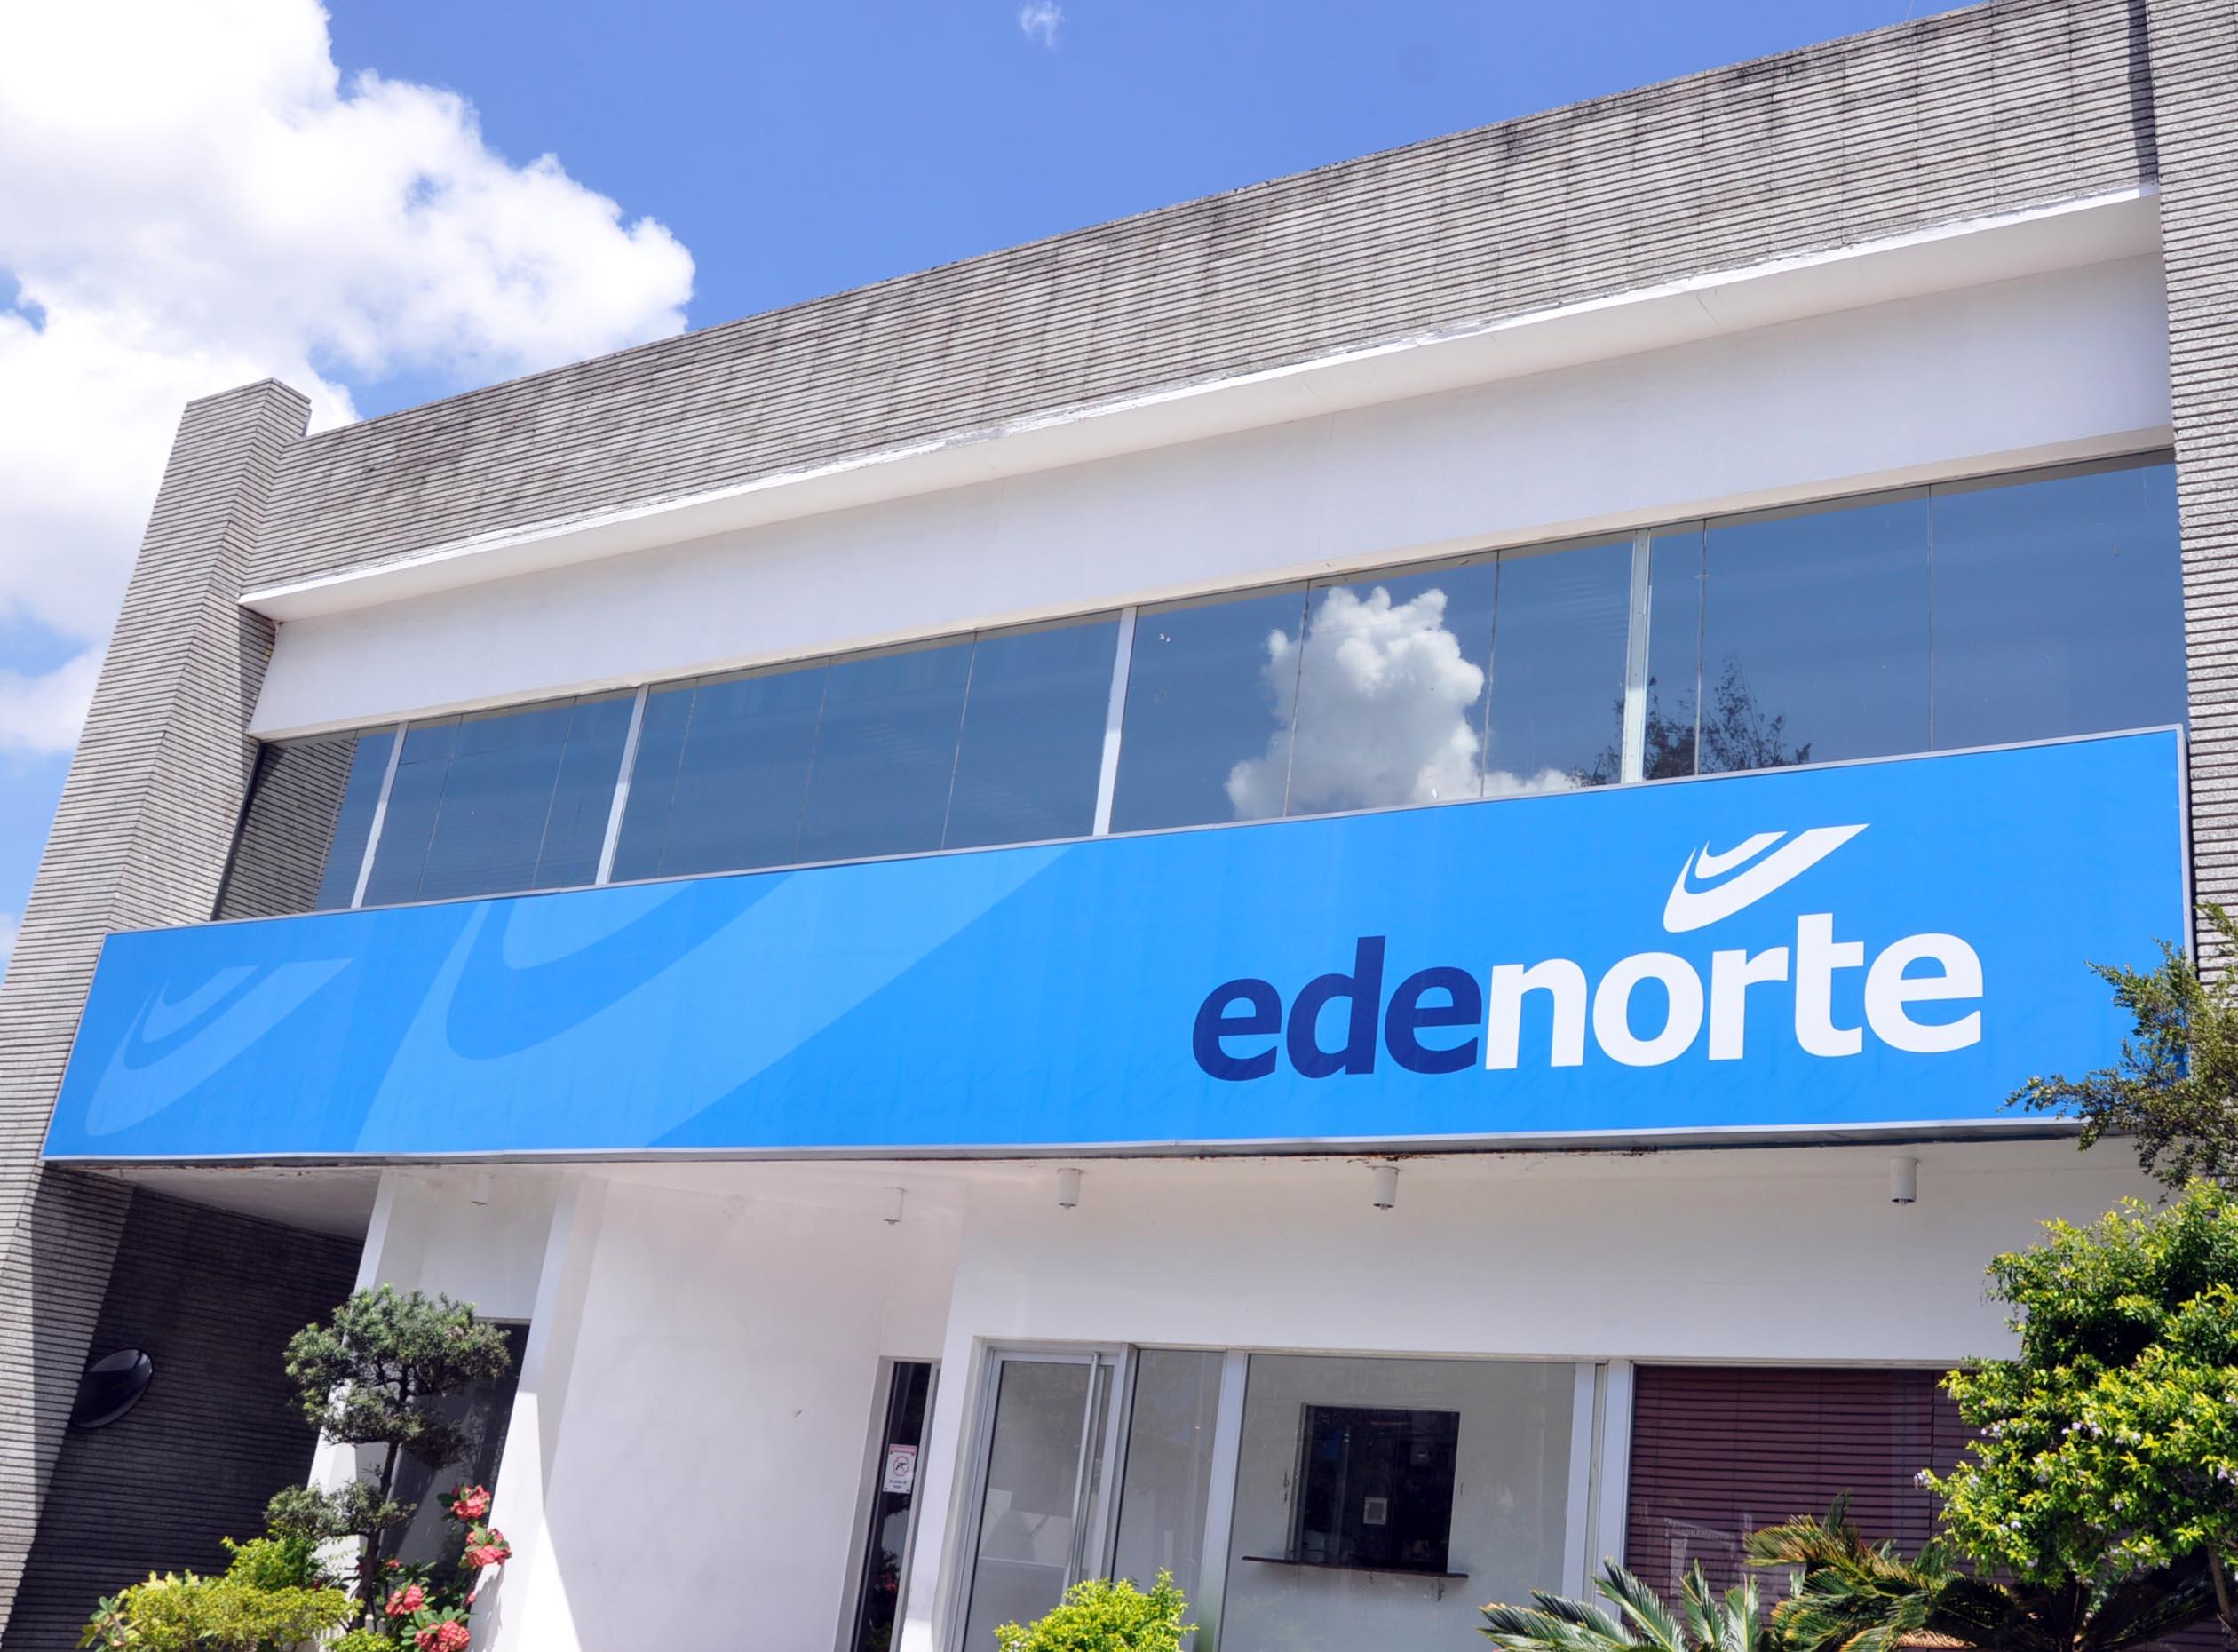 EDENORTE DOMINICANA S.A.